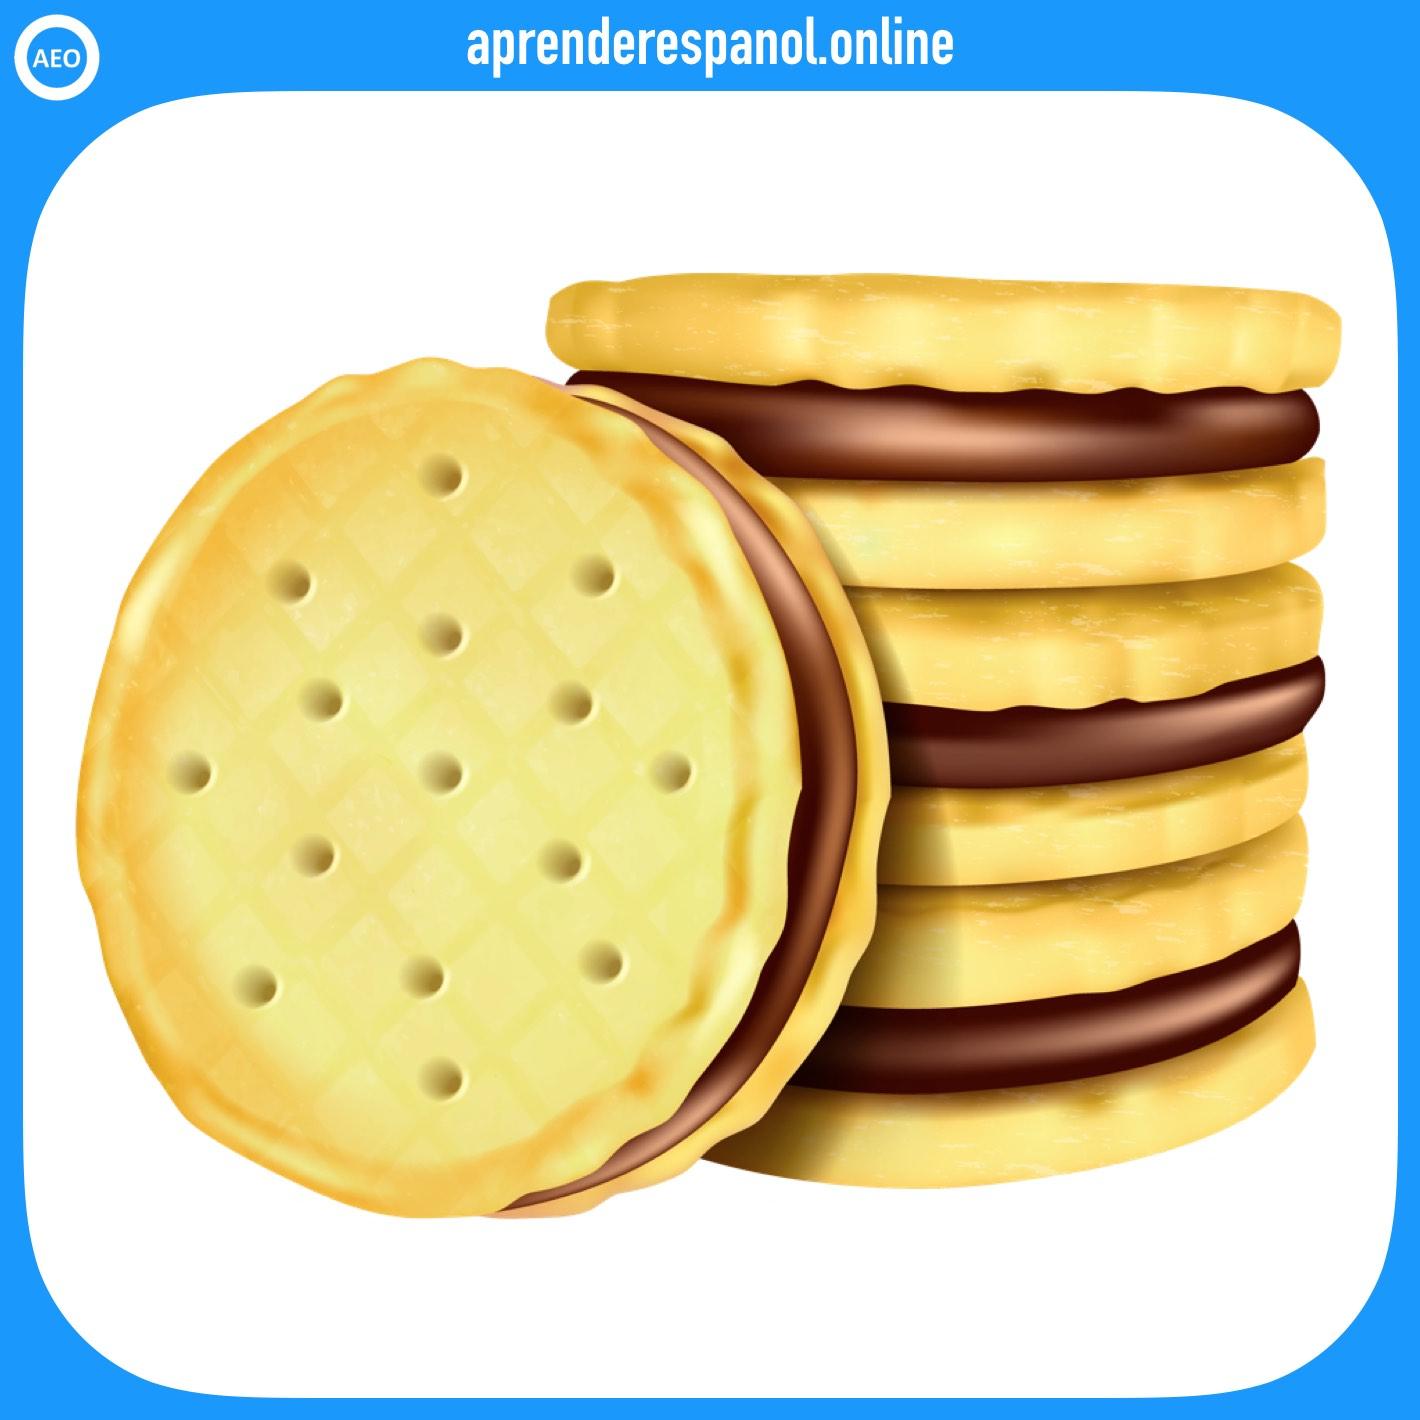 galleta   postres y dulces en español   vocabulario de los postres en español